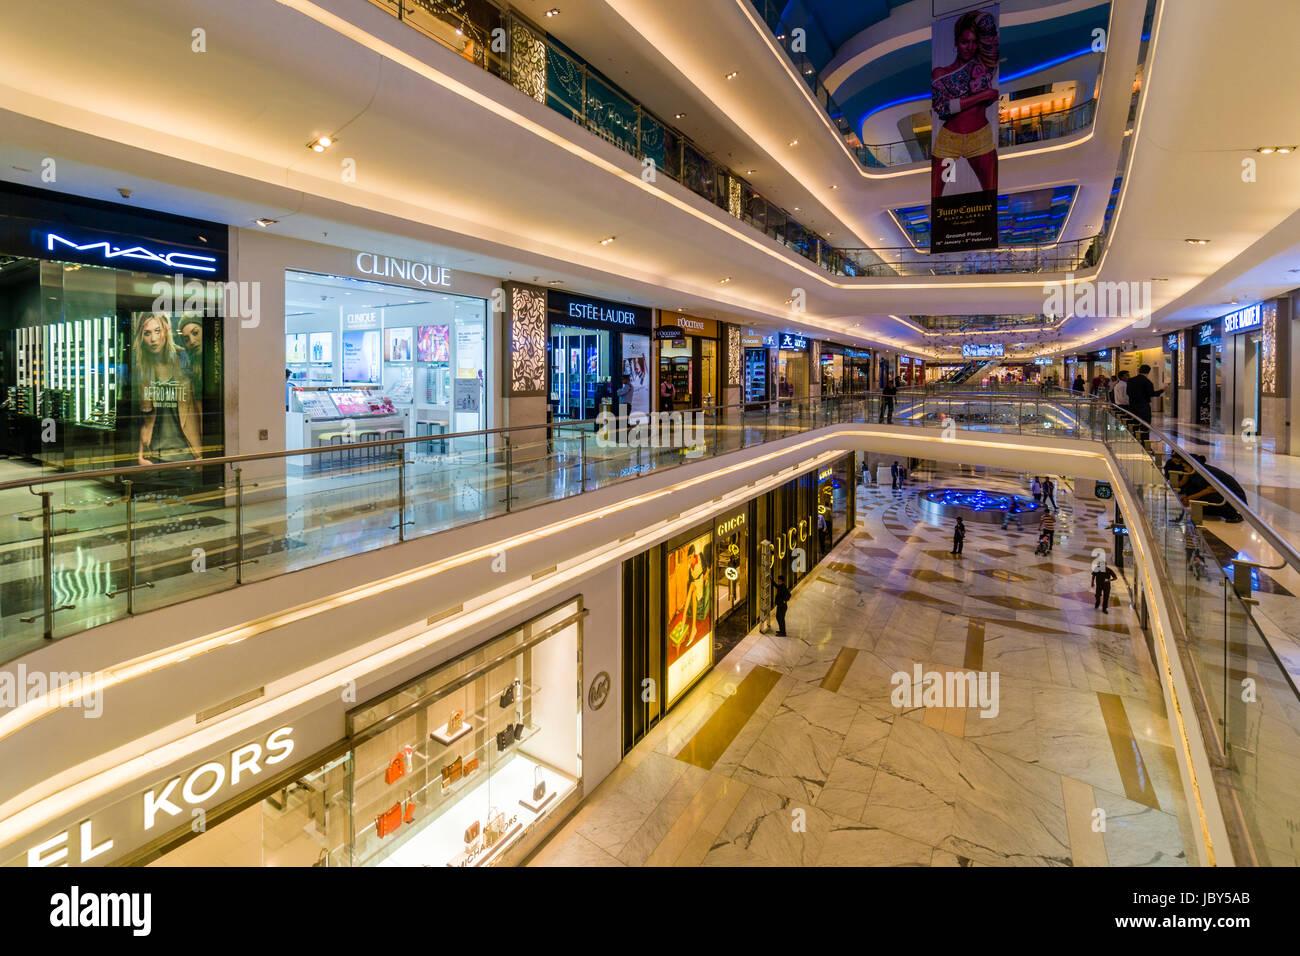 Fußboden Günstig Quest ~ Innerhalb der architektur des einkaufszentrum quest mall stockfoto